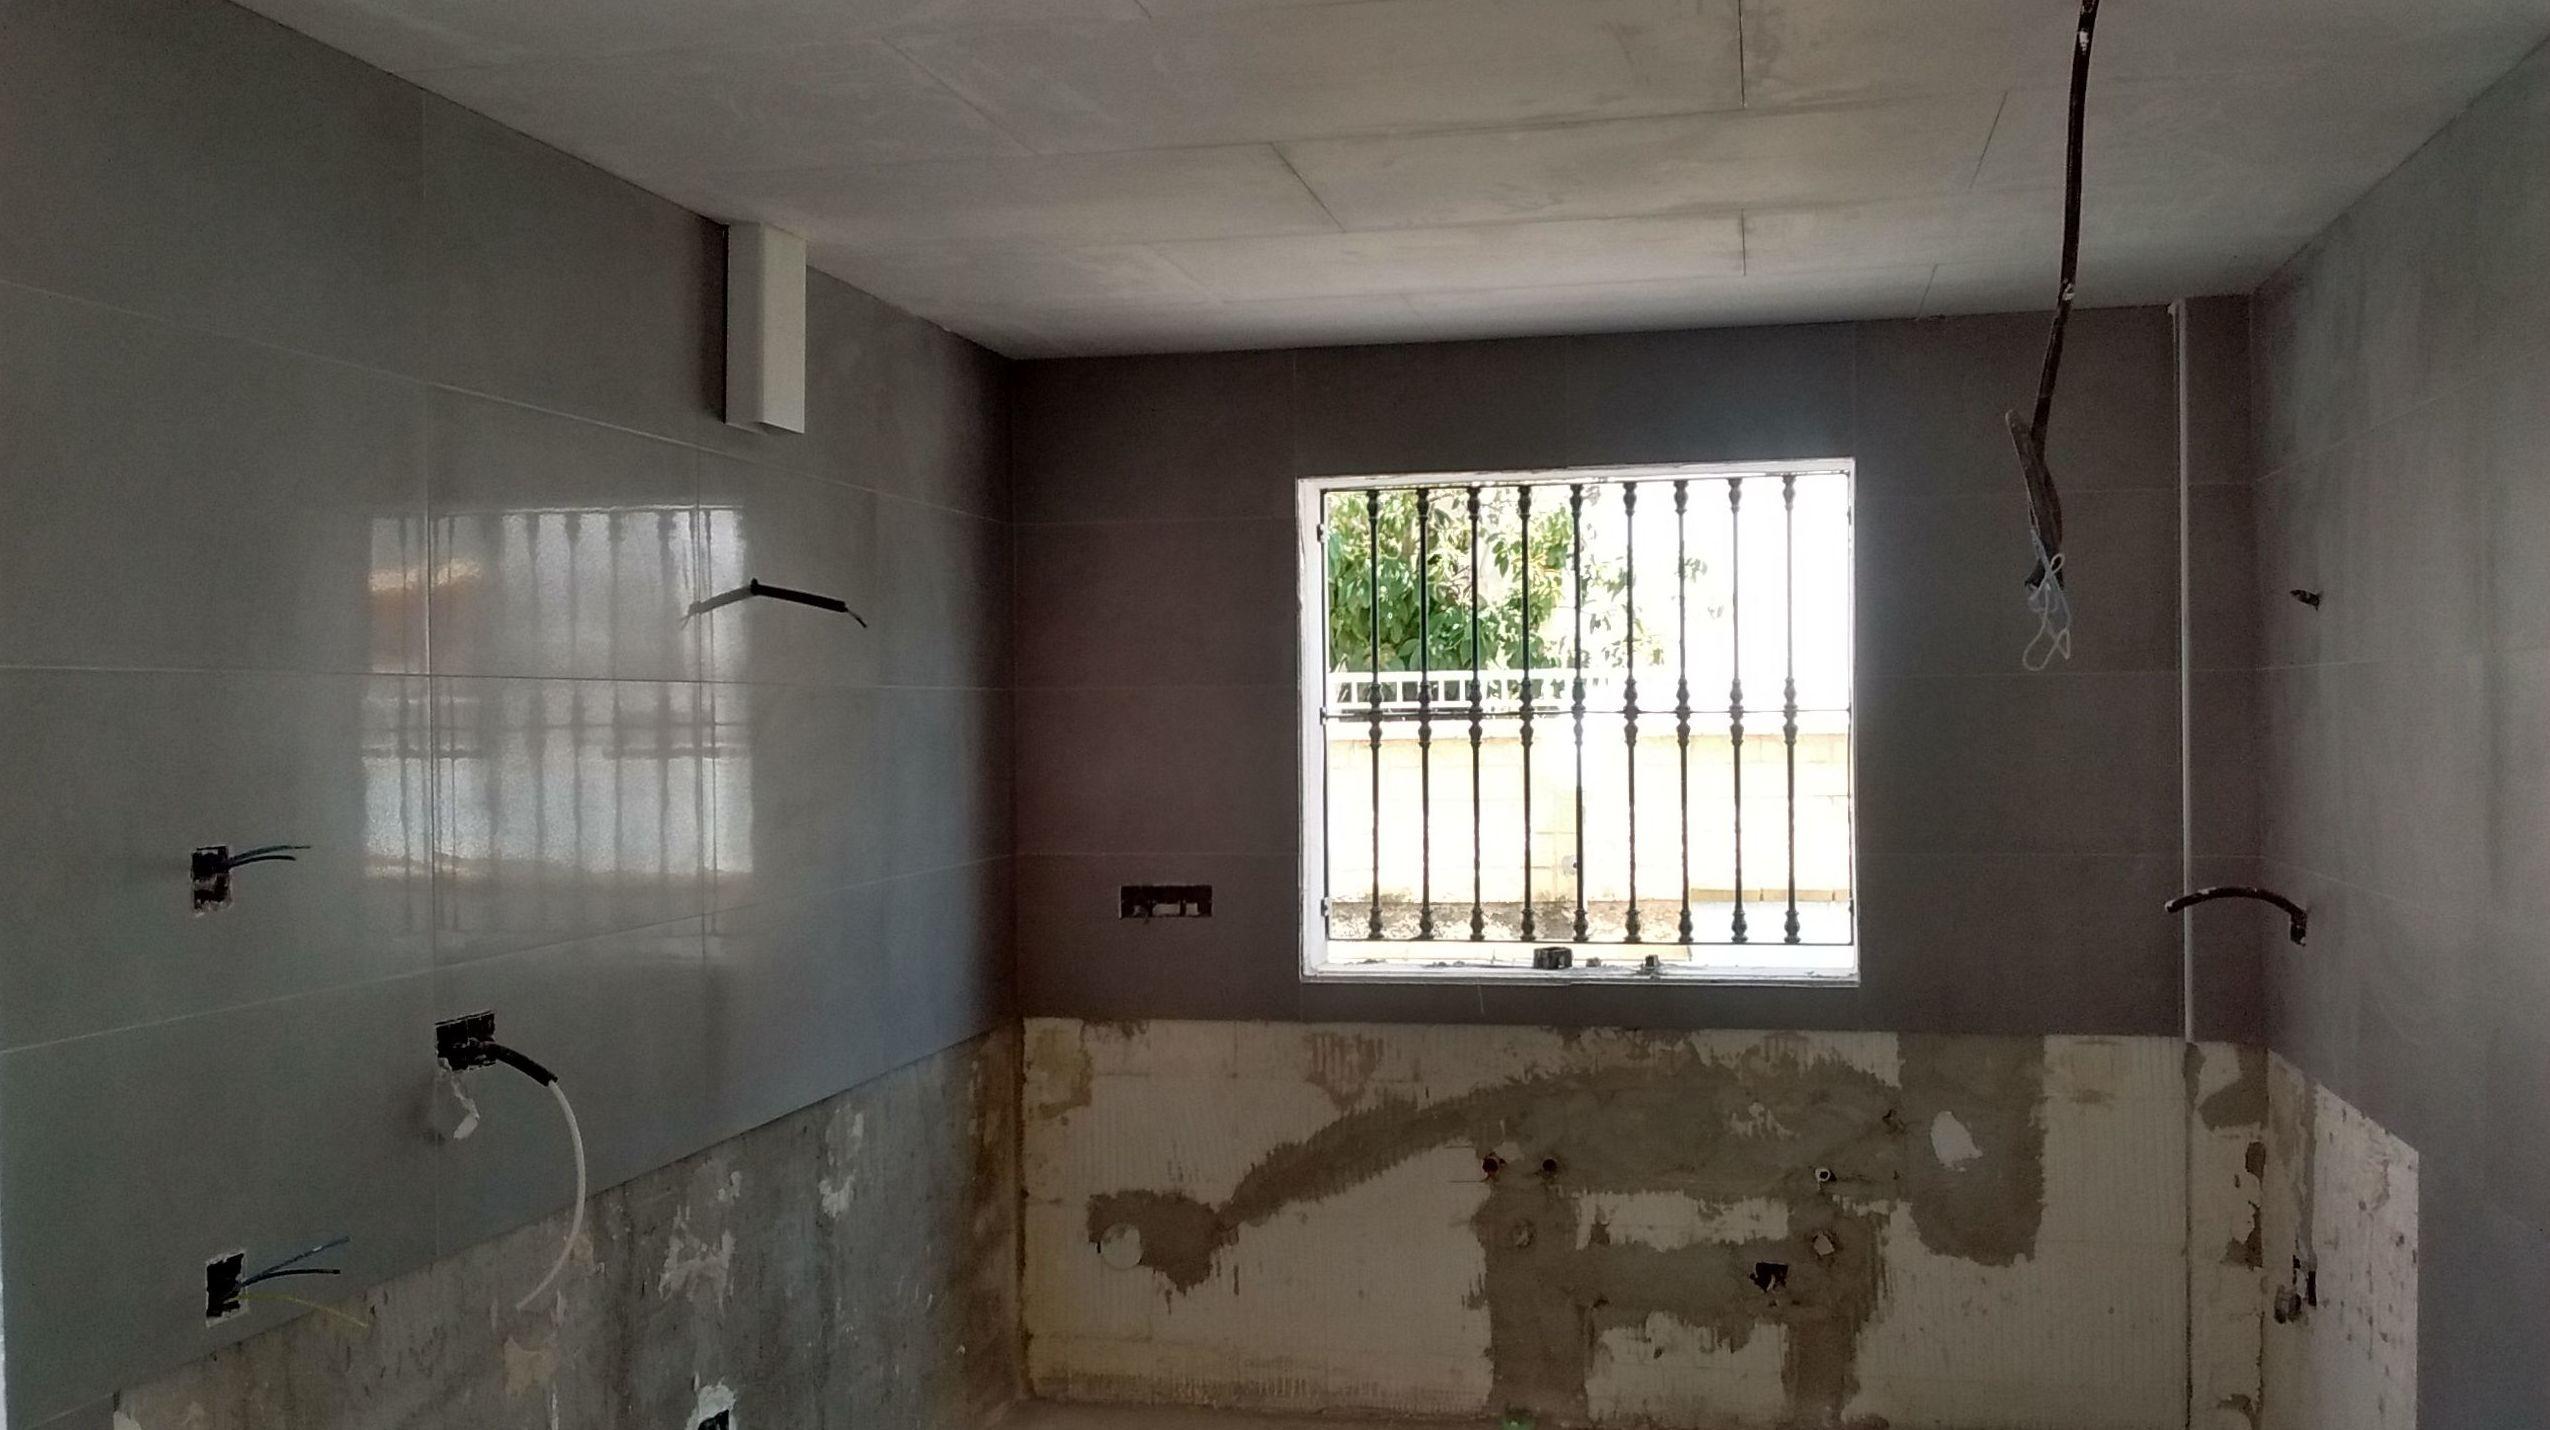 Alicatado de cocina con porcelánico rectificado color cemento. Mijas Costa (Málaga)